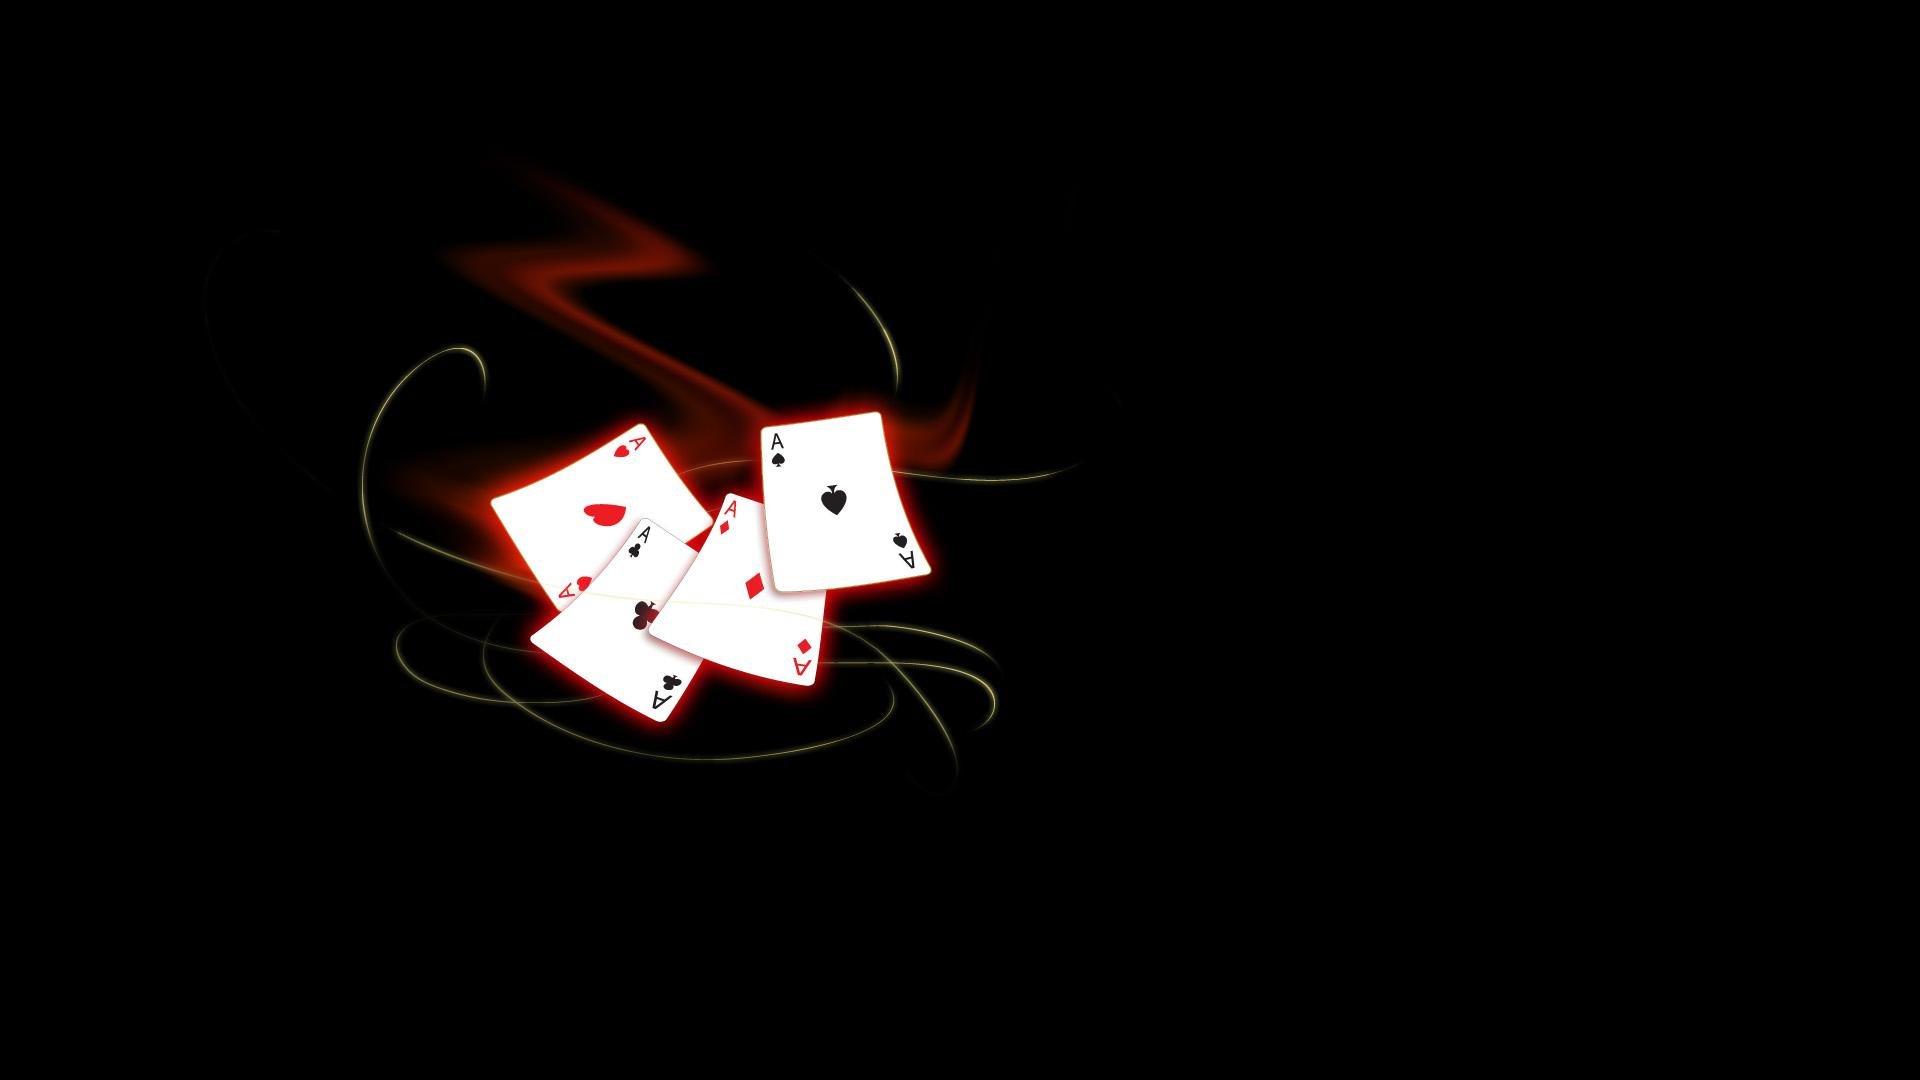 Poker Wallpaper HD - WallpaperSafari